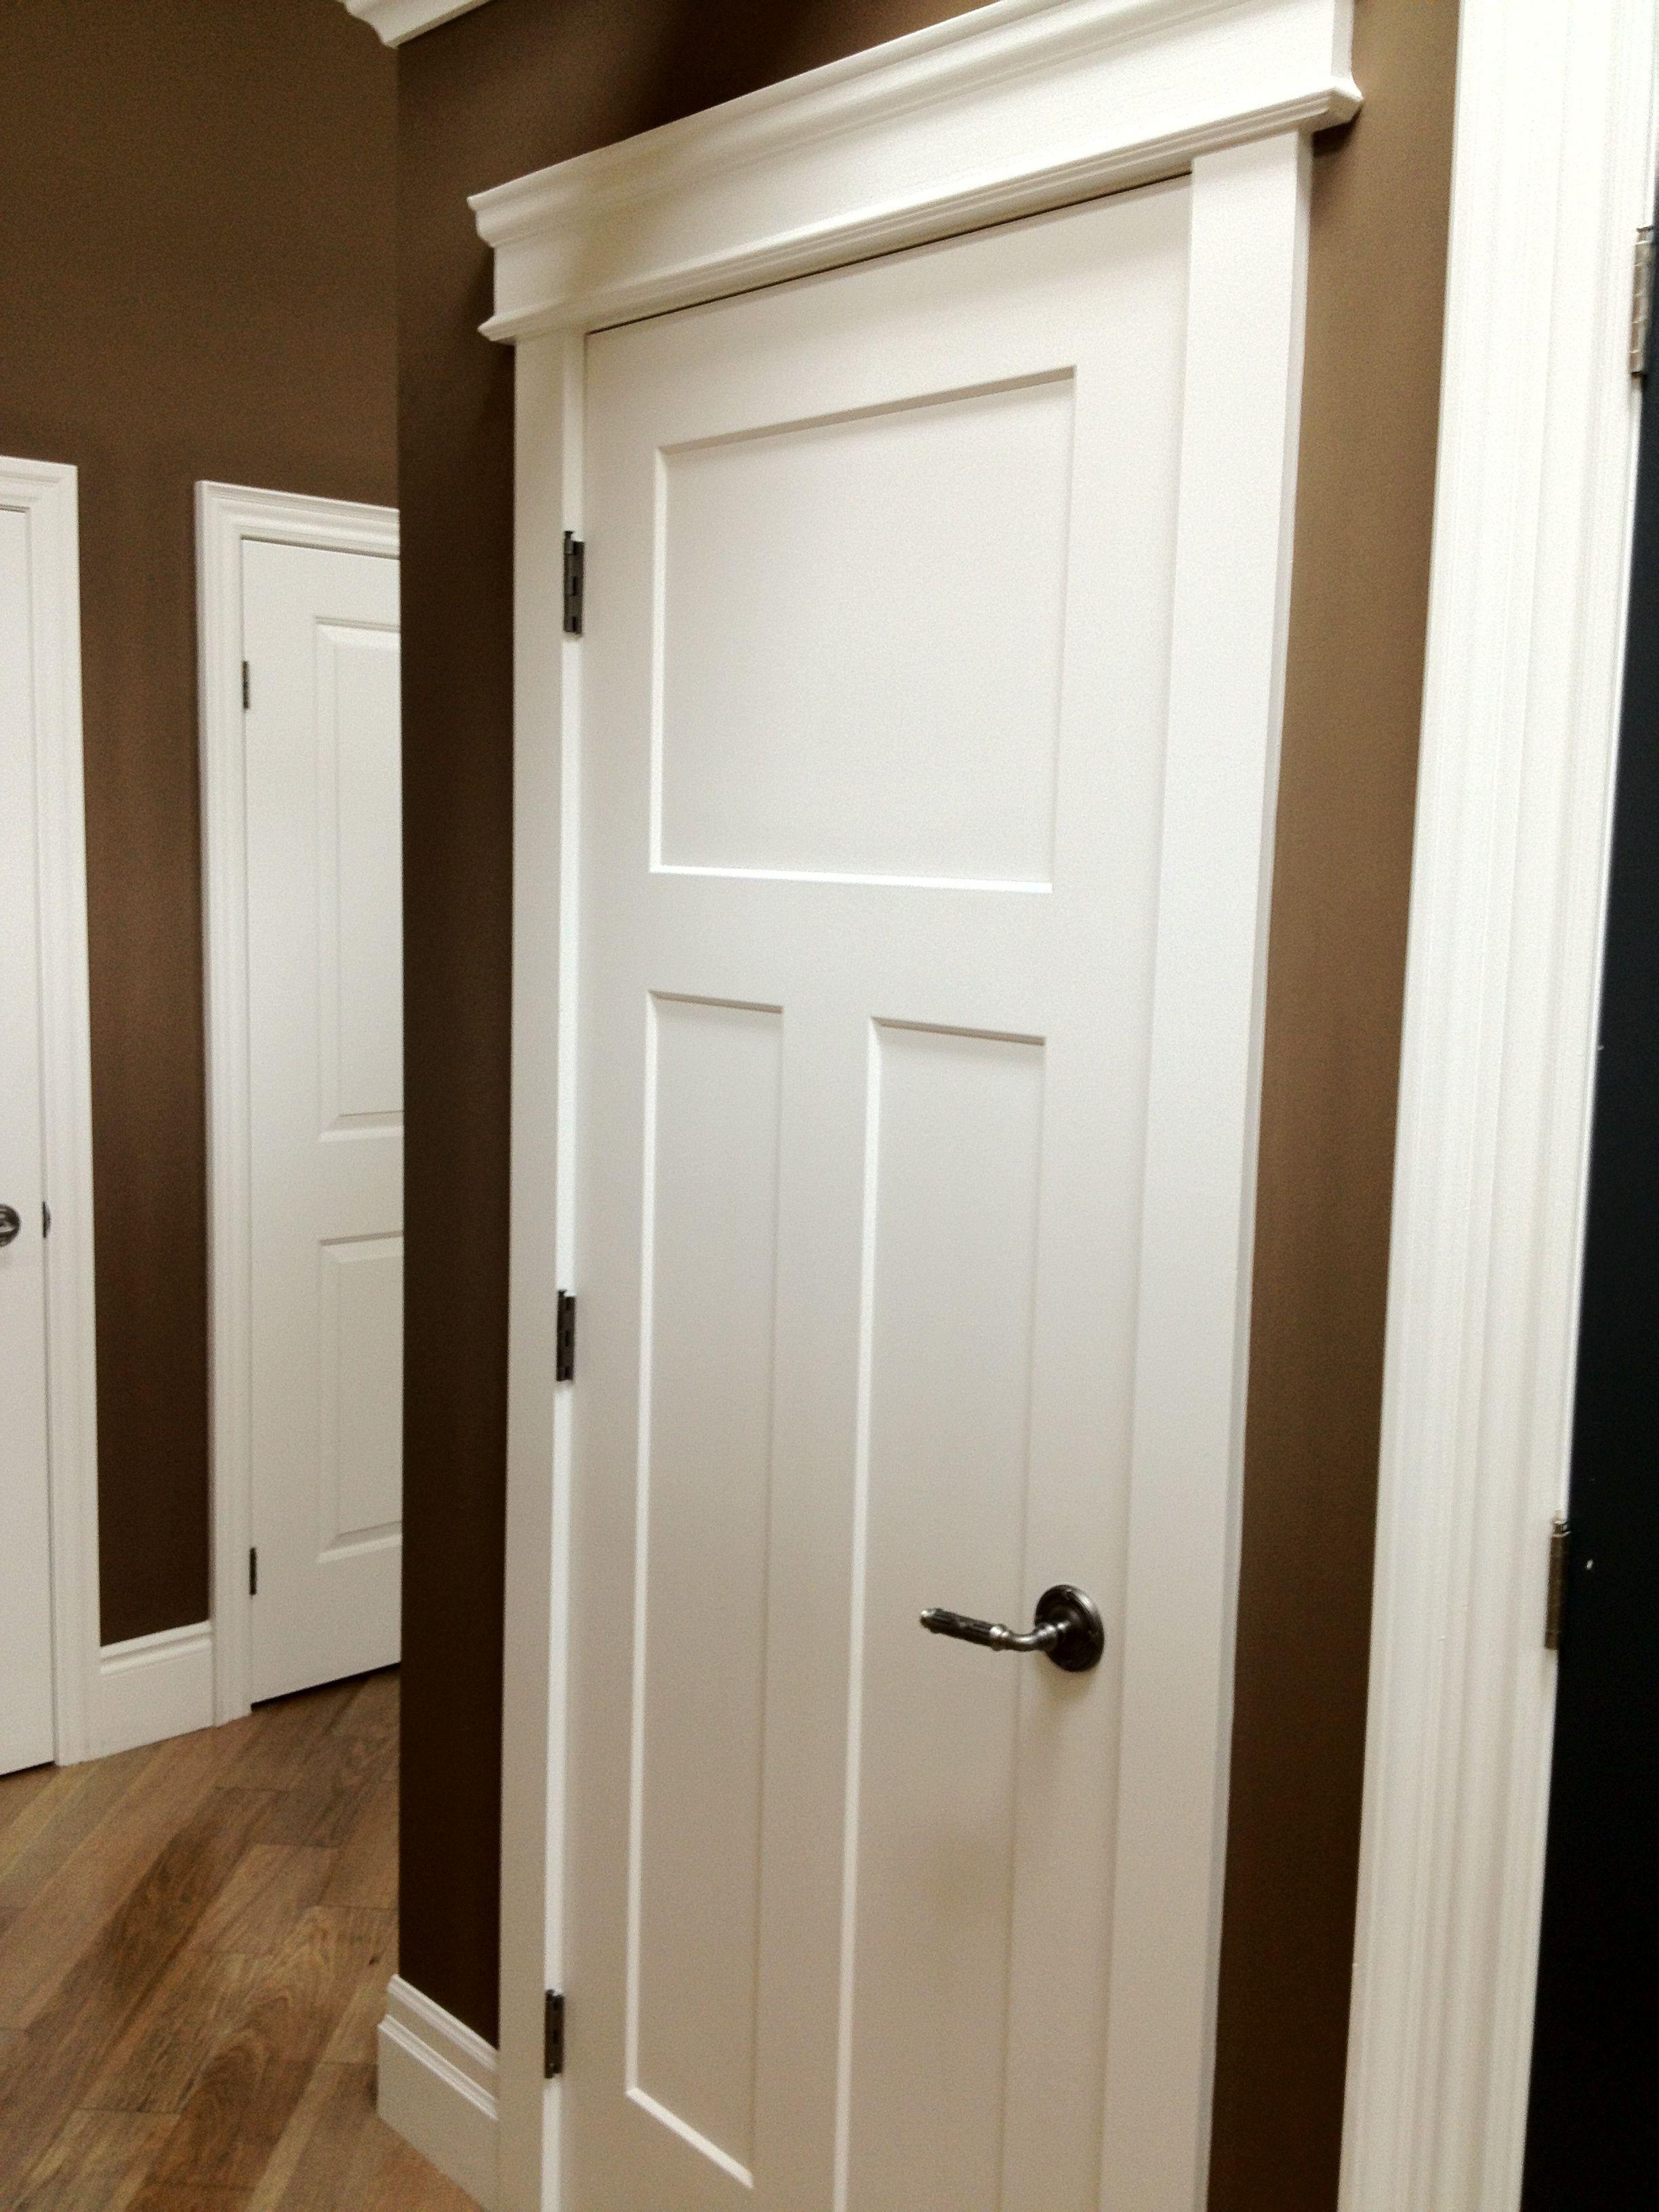 Craftsman Door And Molding Trim Interior Barn Doors